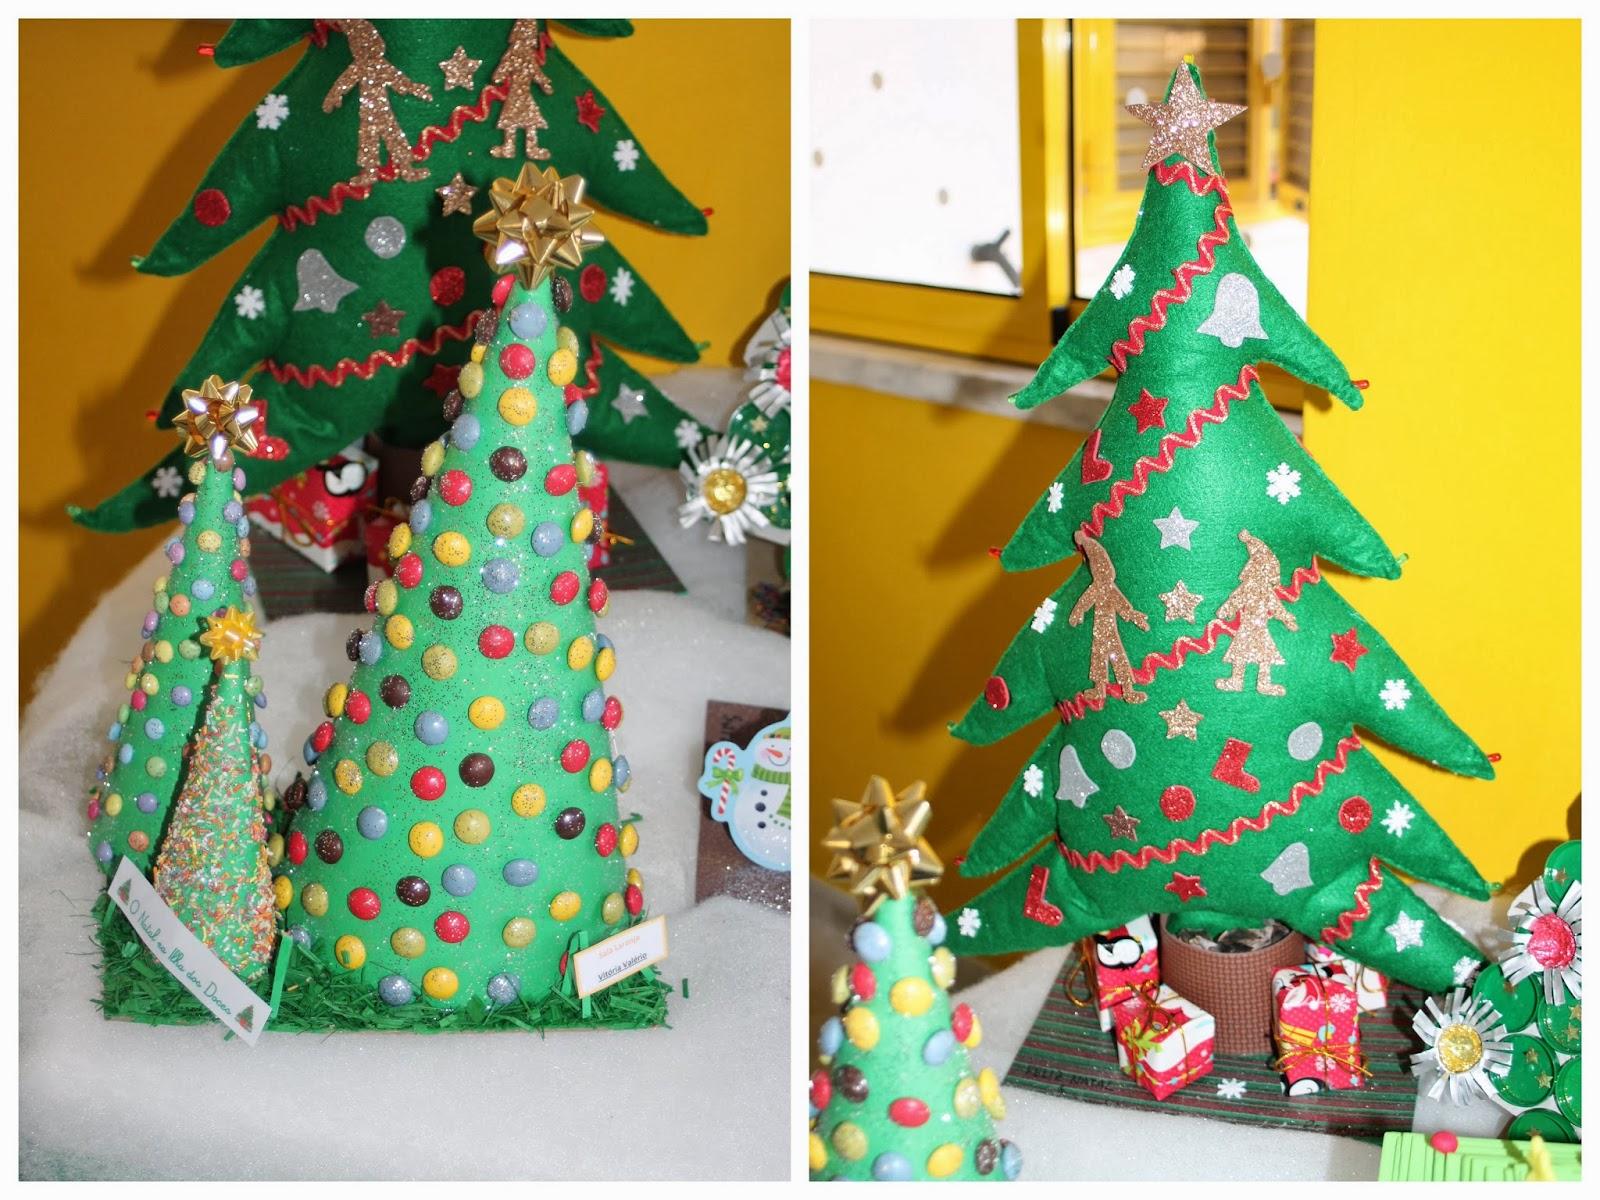 O Mestre Cuco Decoraç u00e3o de Natal no Jardim de Inf u00e2 -> Decoração De Natal Jardim